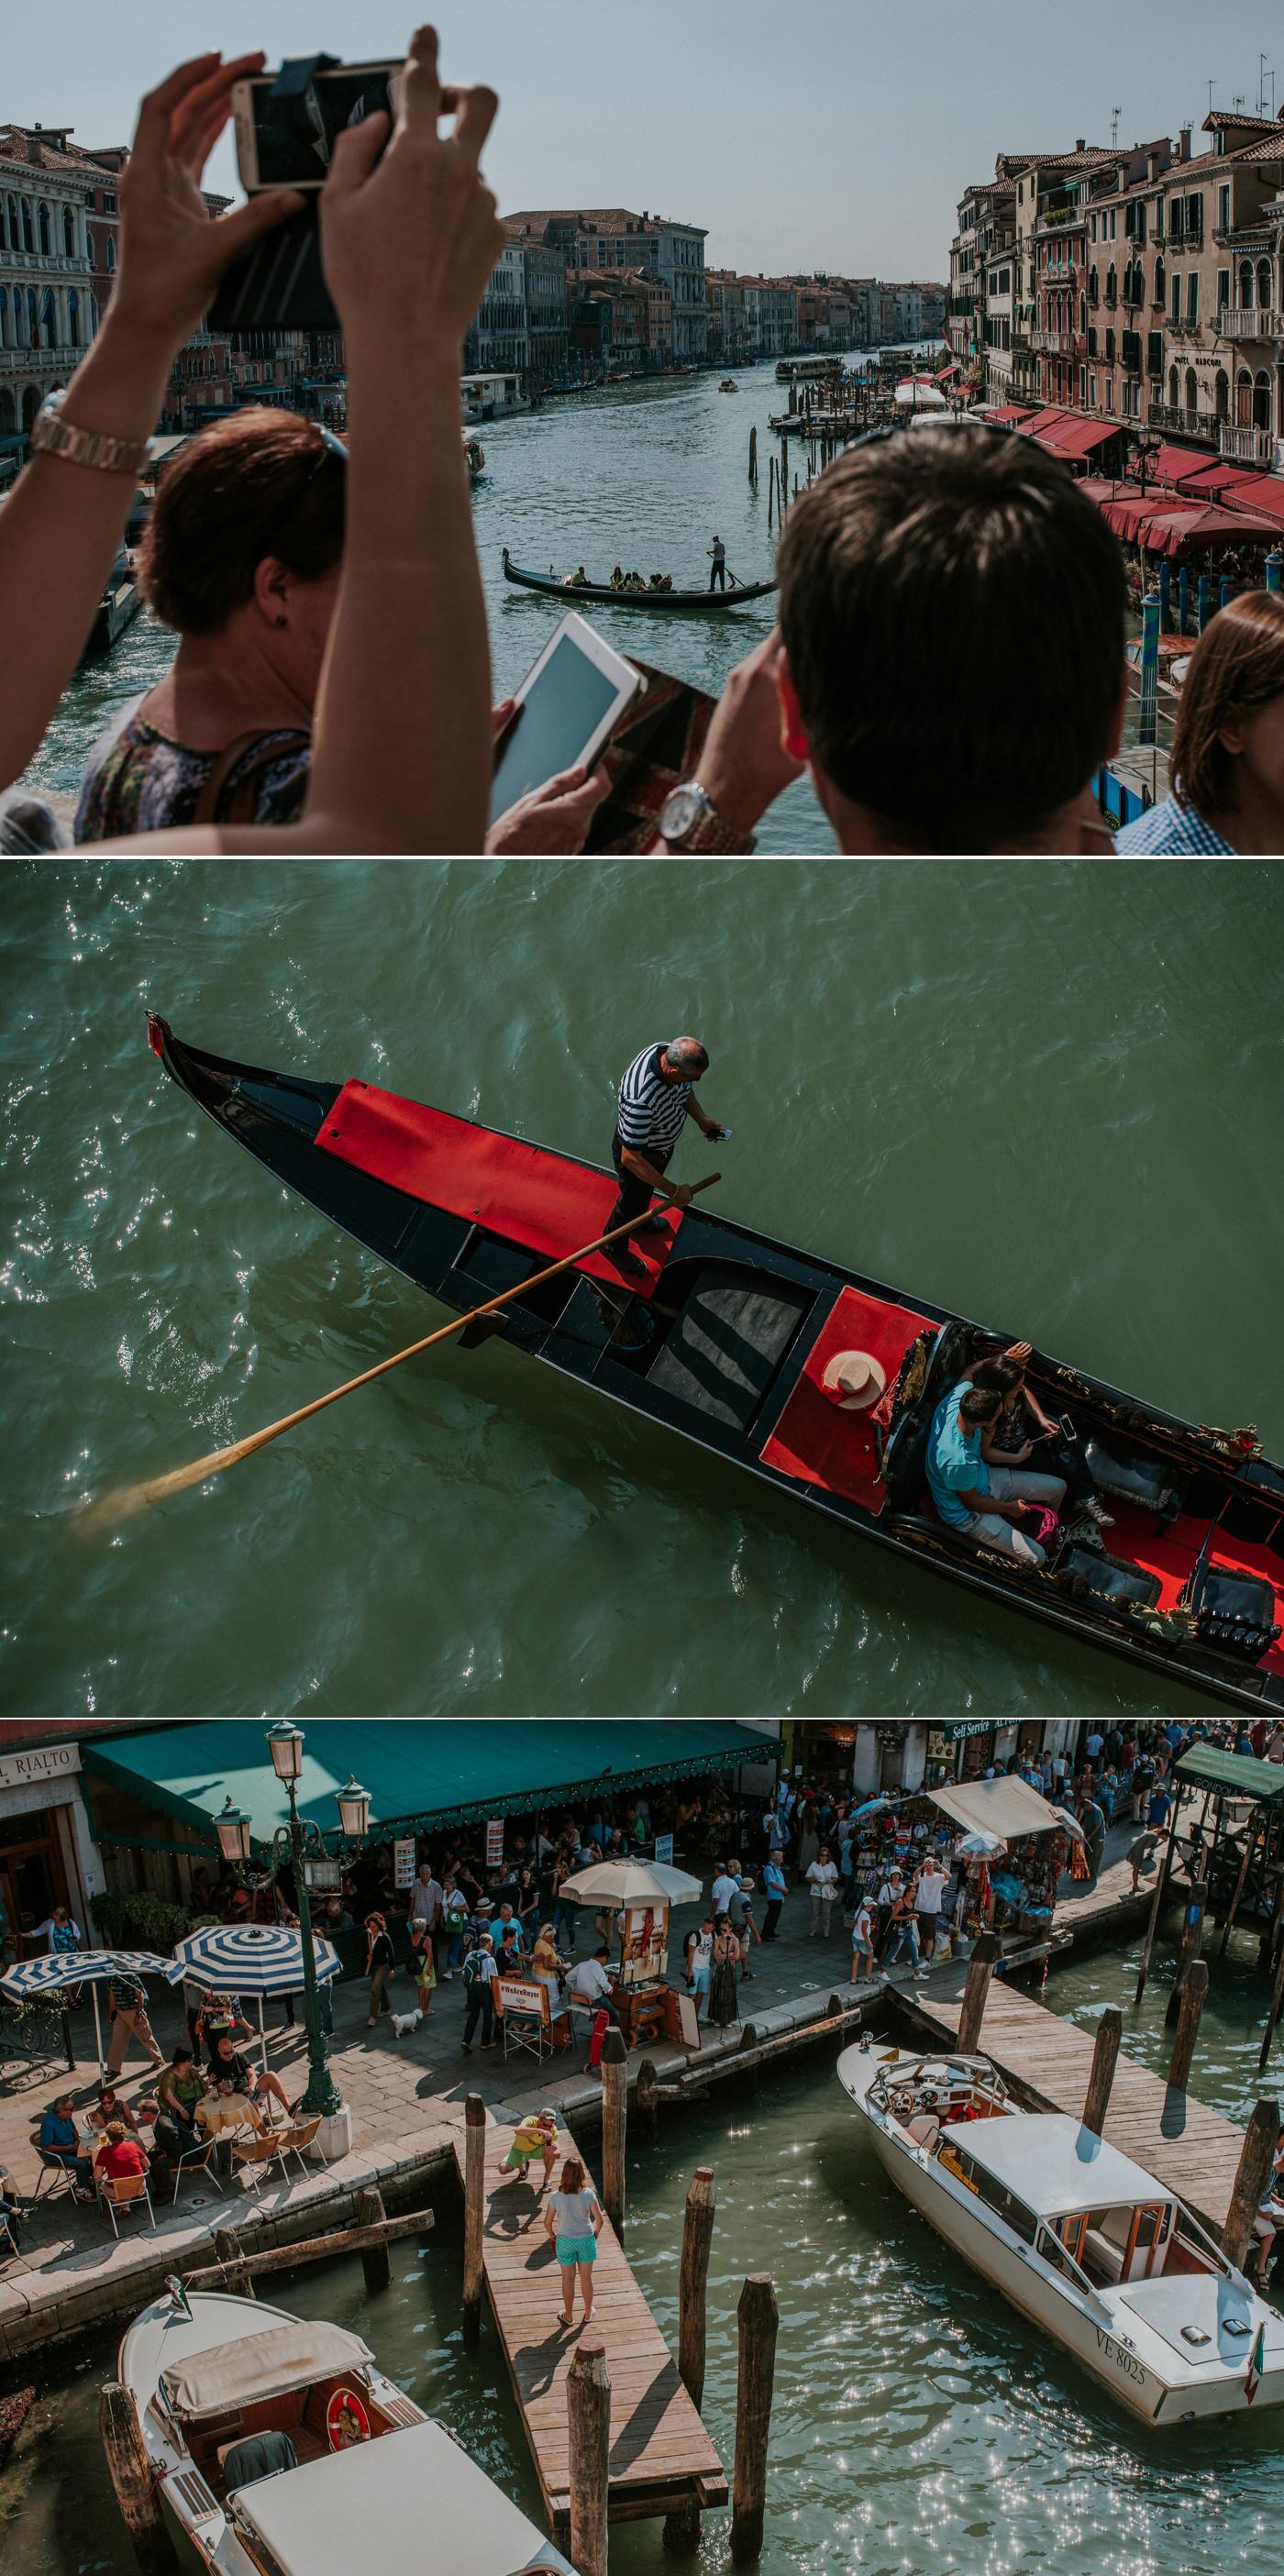 Venice_by_Piotr_Glodzik06